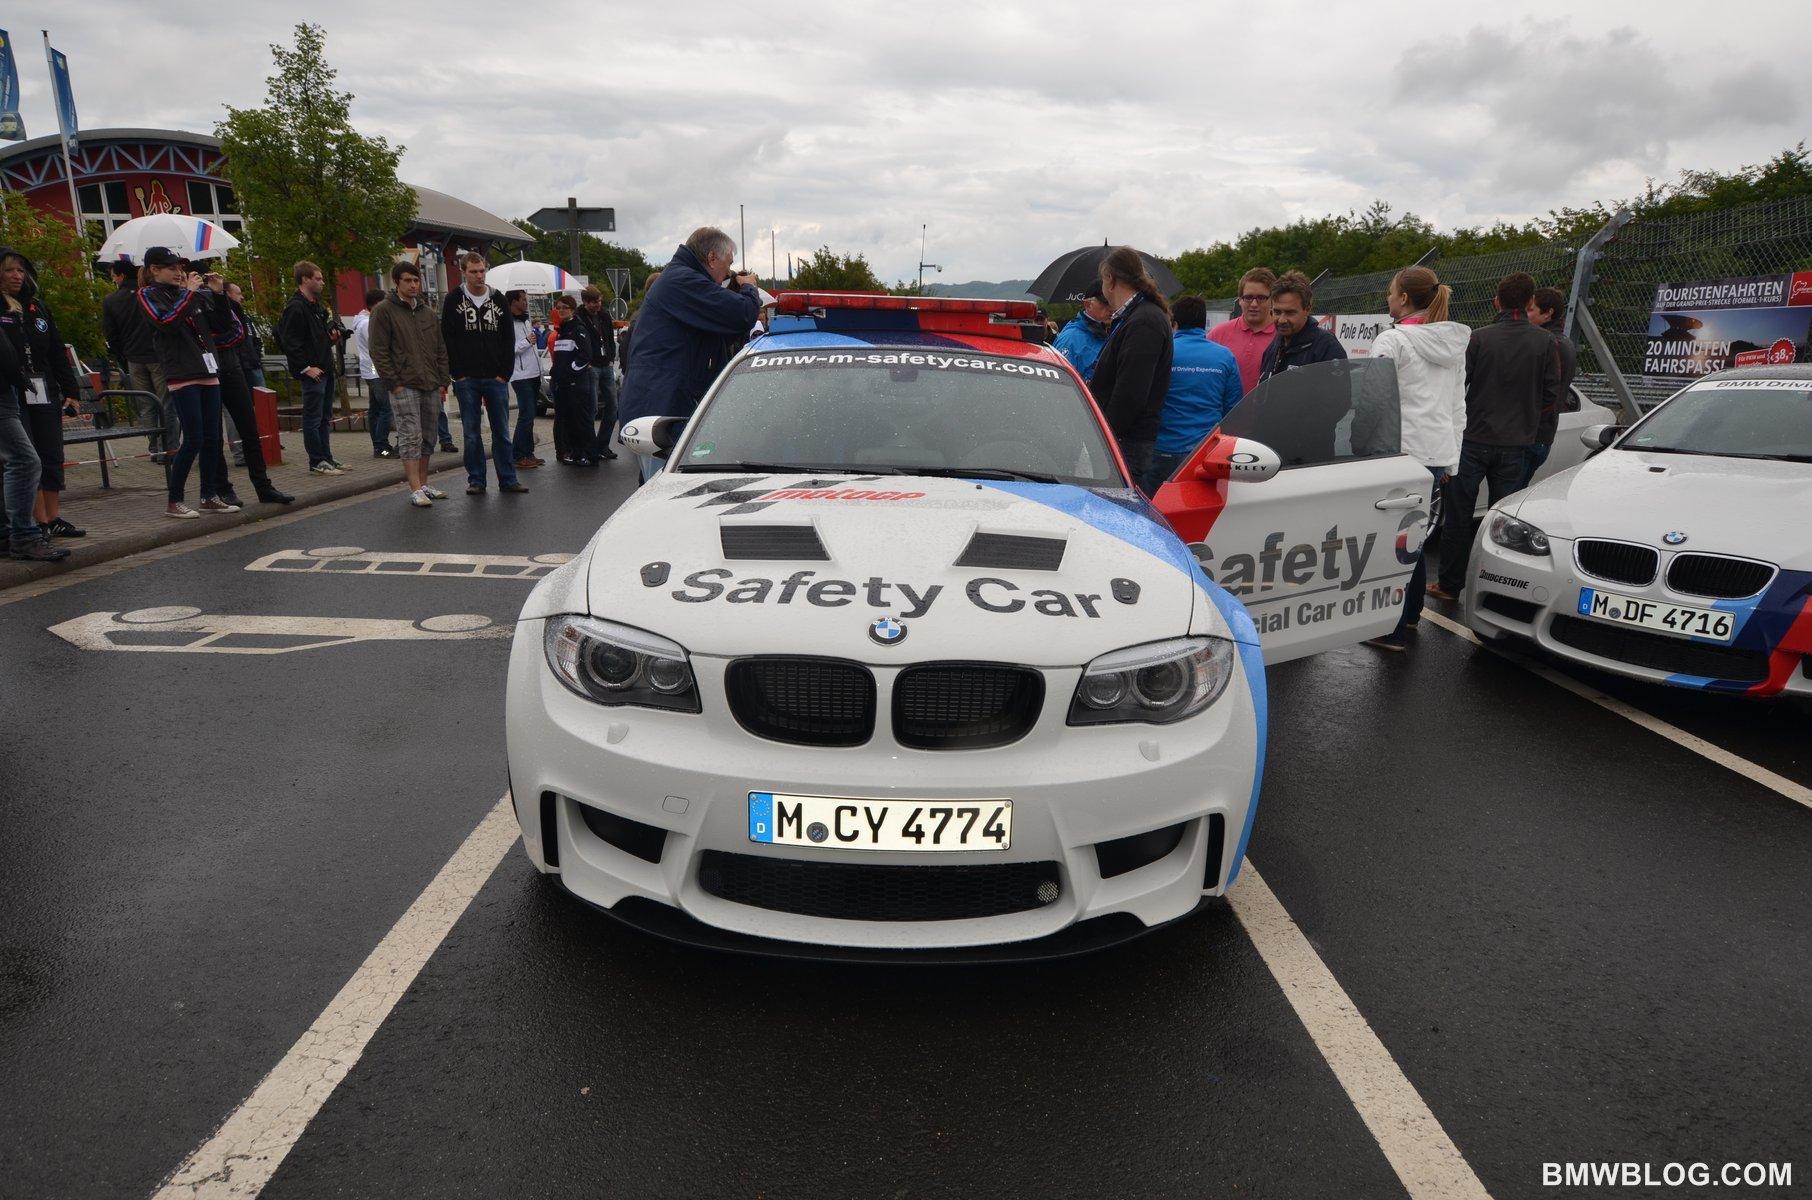 BMW 1M safety car 33